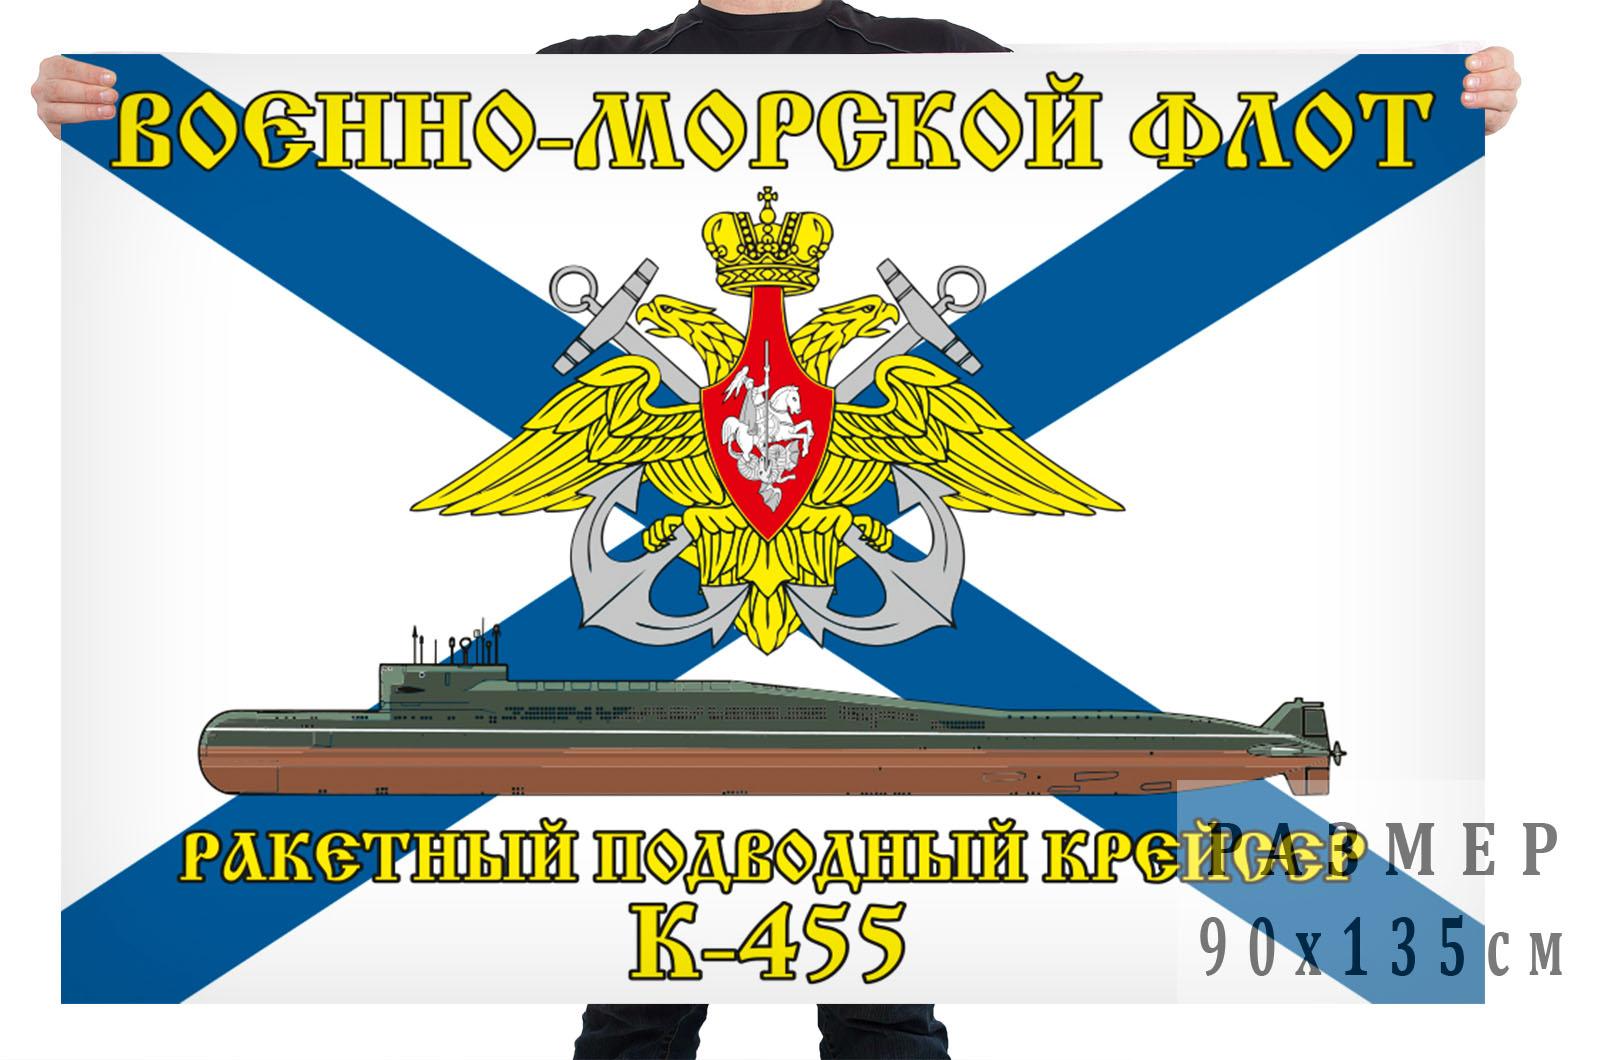 Флаг ракетного подводного крейсера К-445